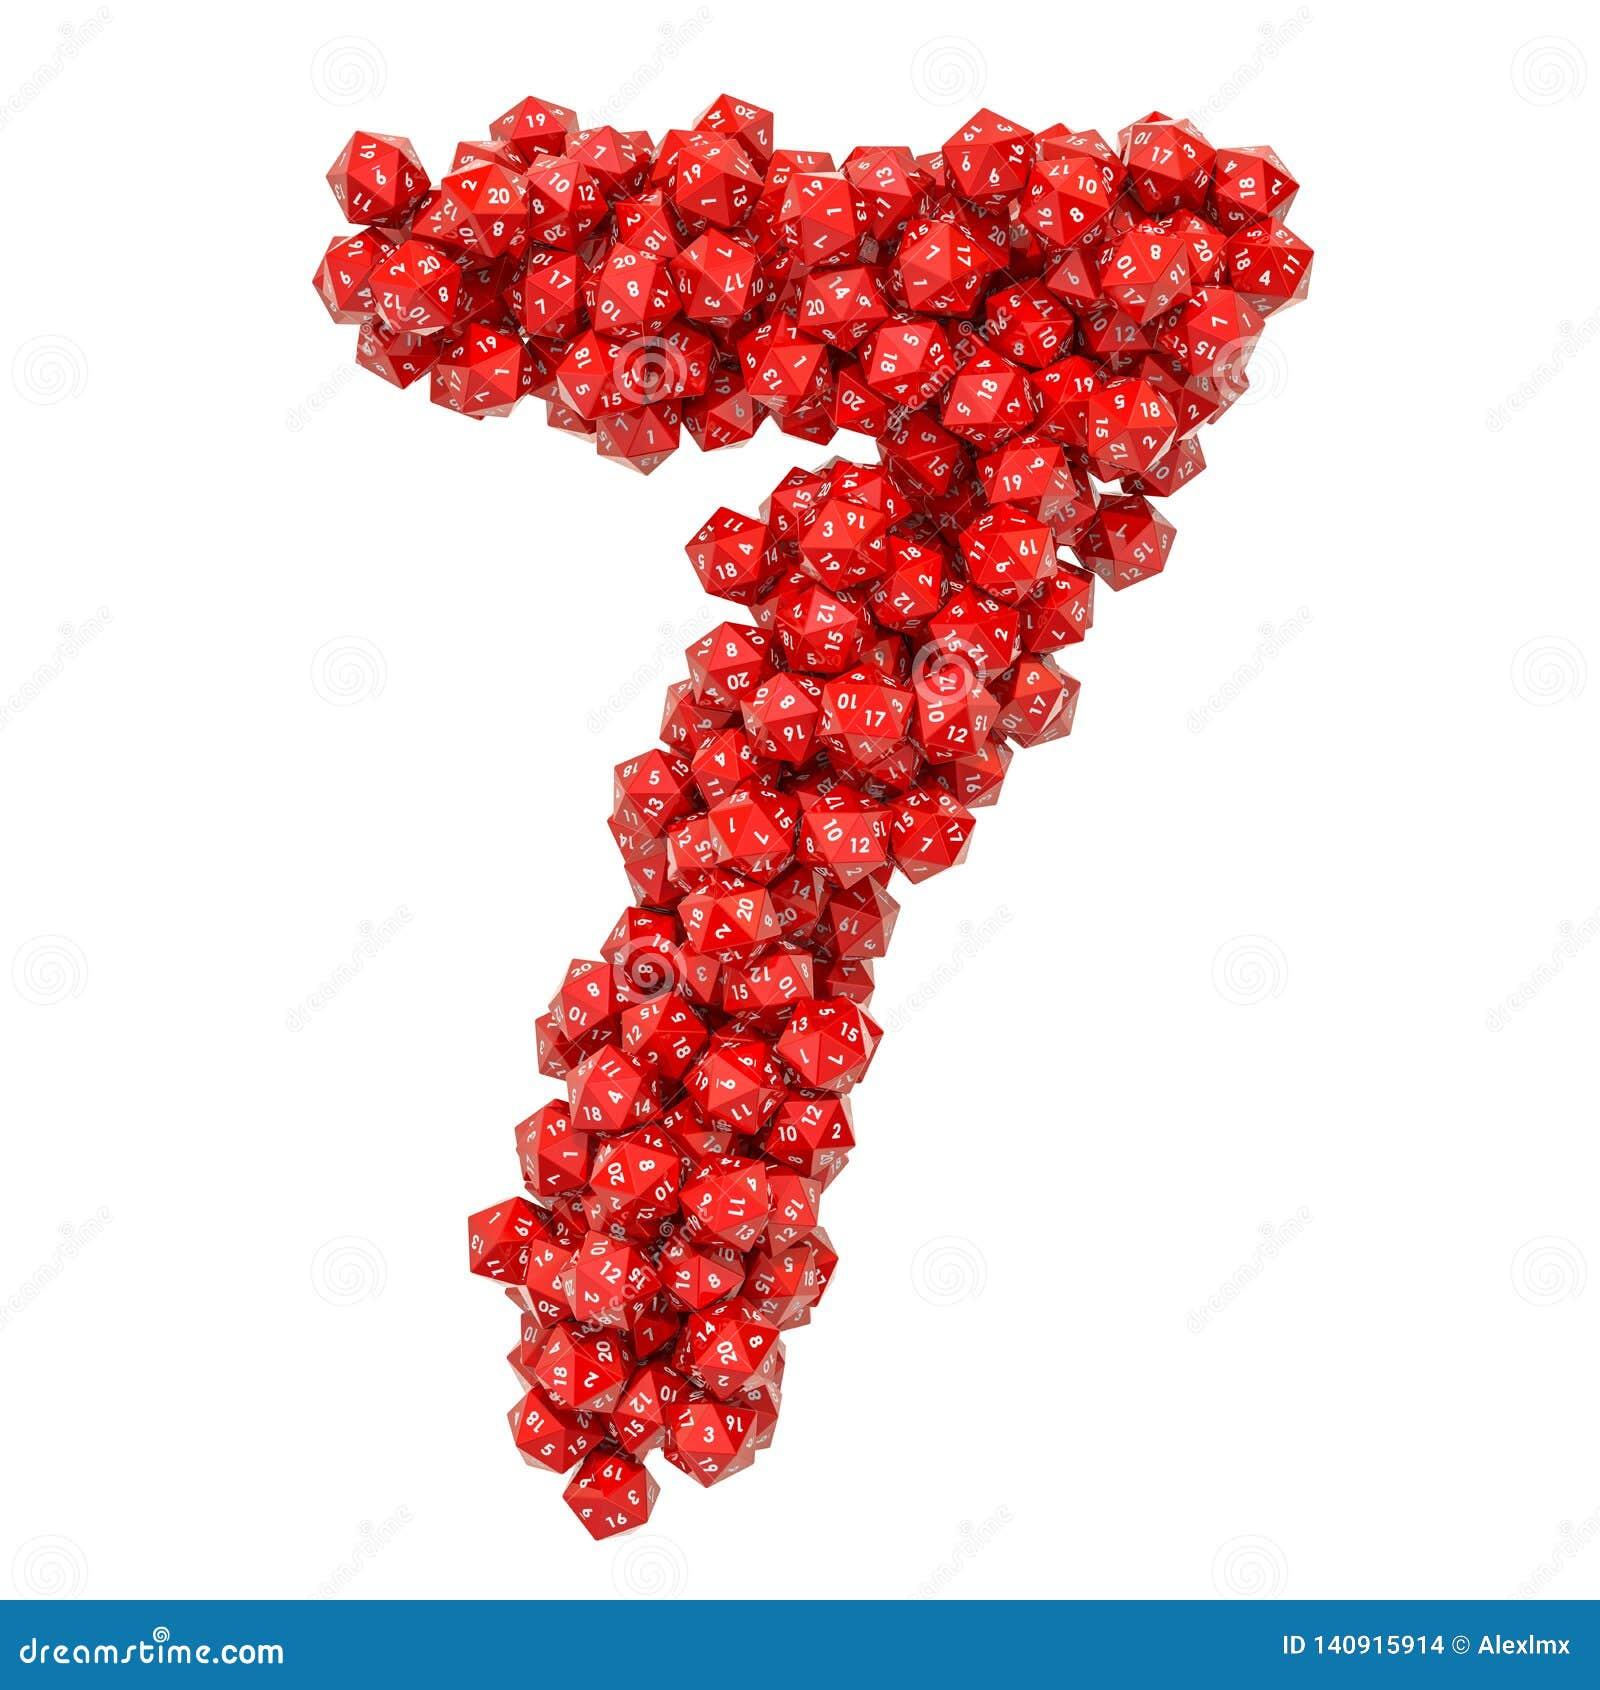 Número 7, de dados veinte-echados a un lado rojos, representación 3D